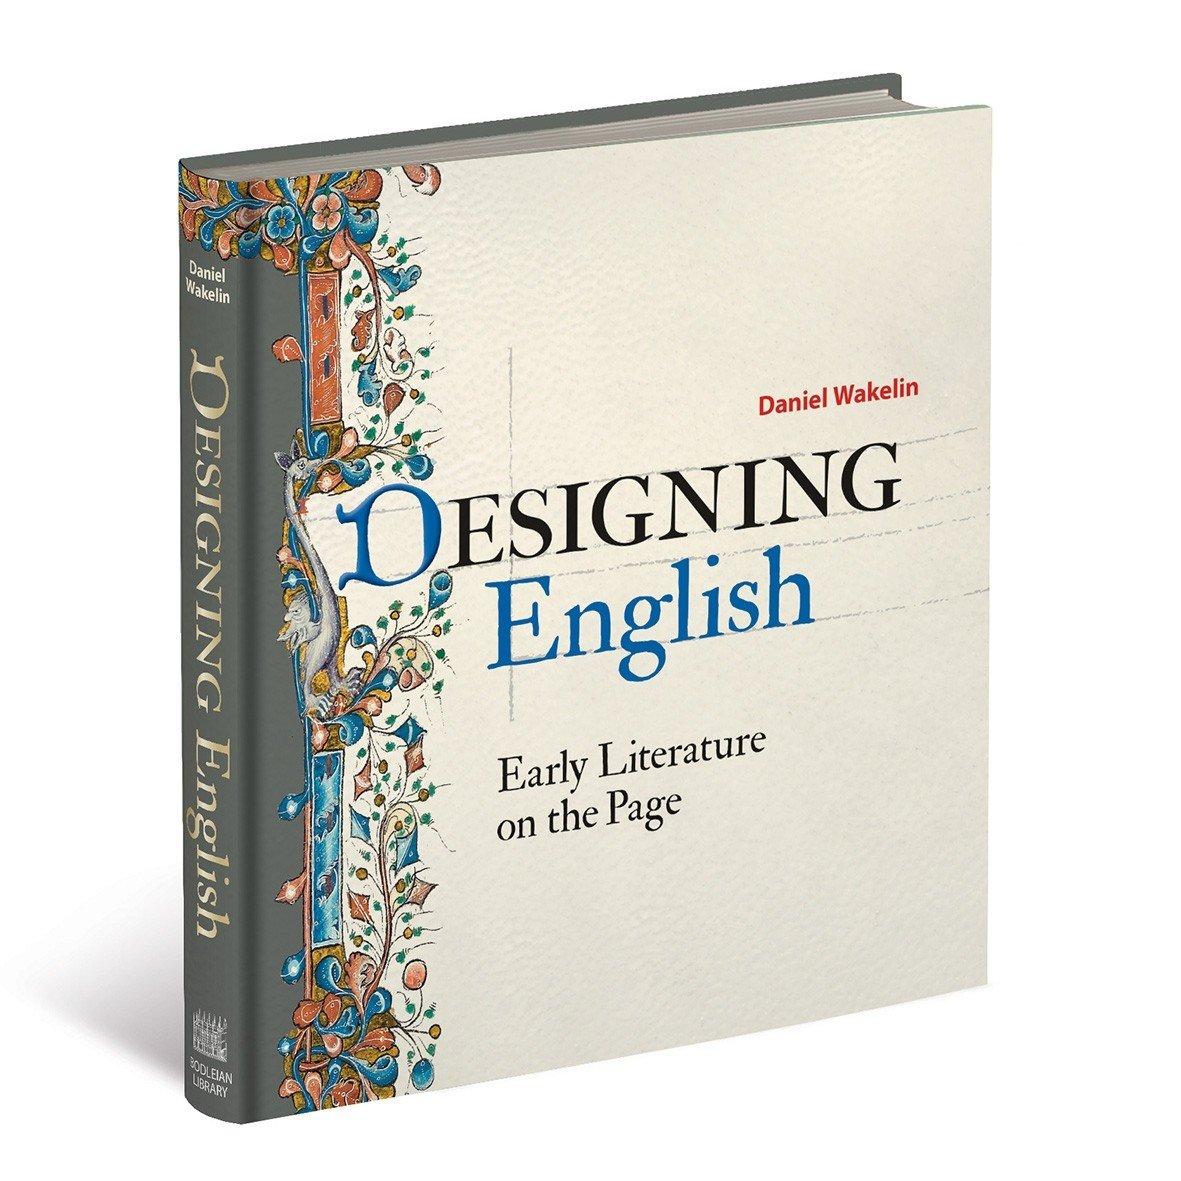 Designing English book